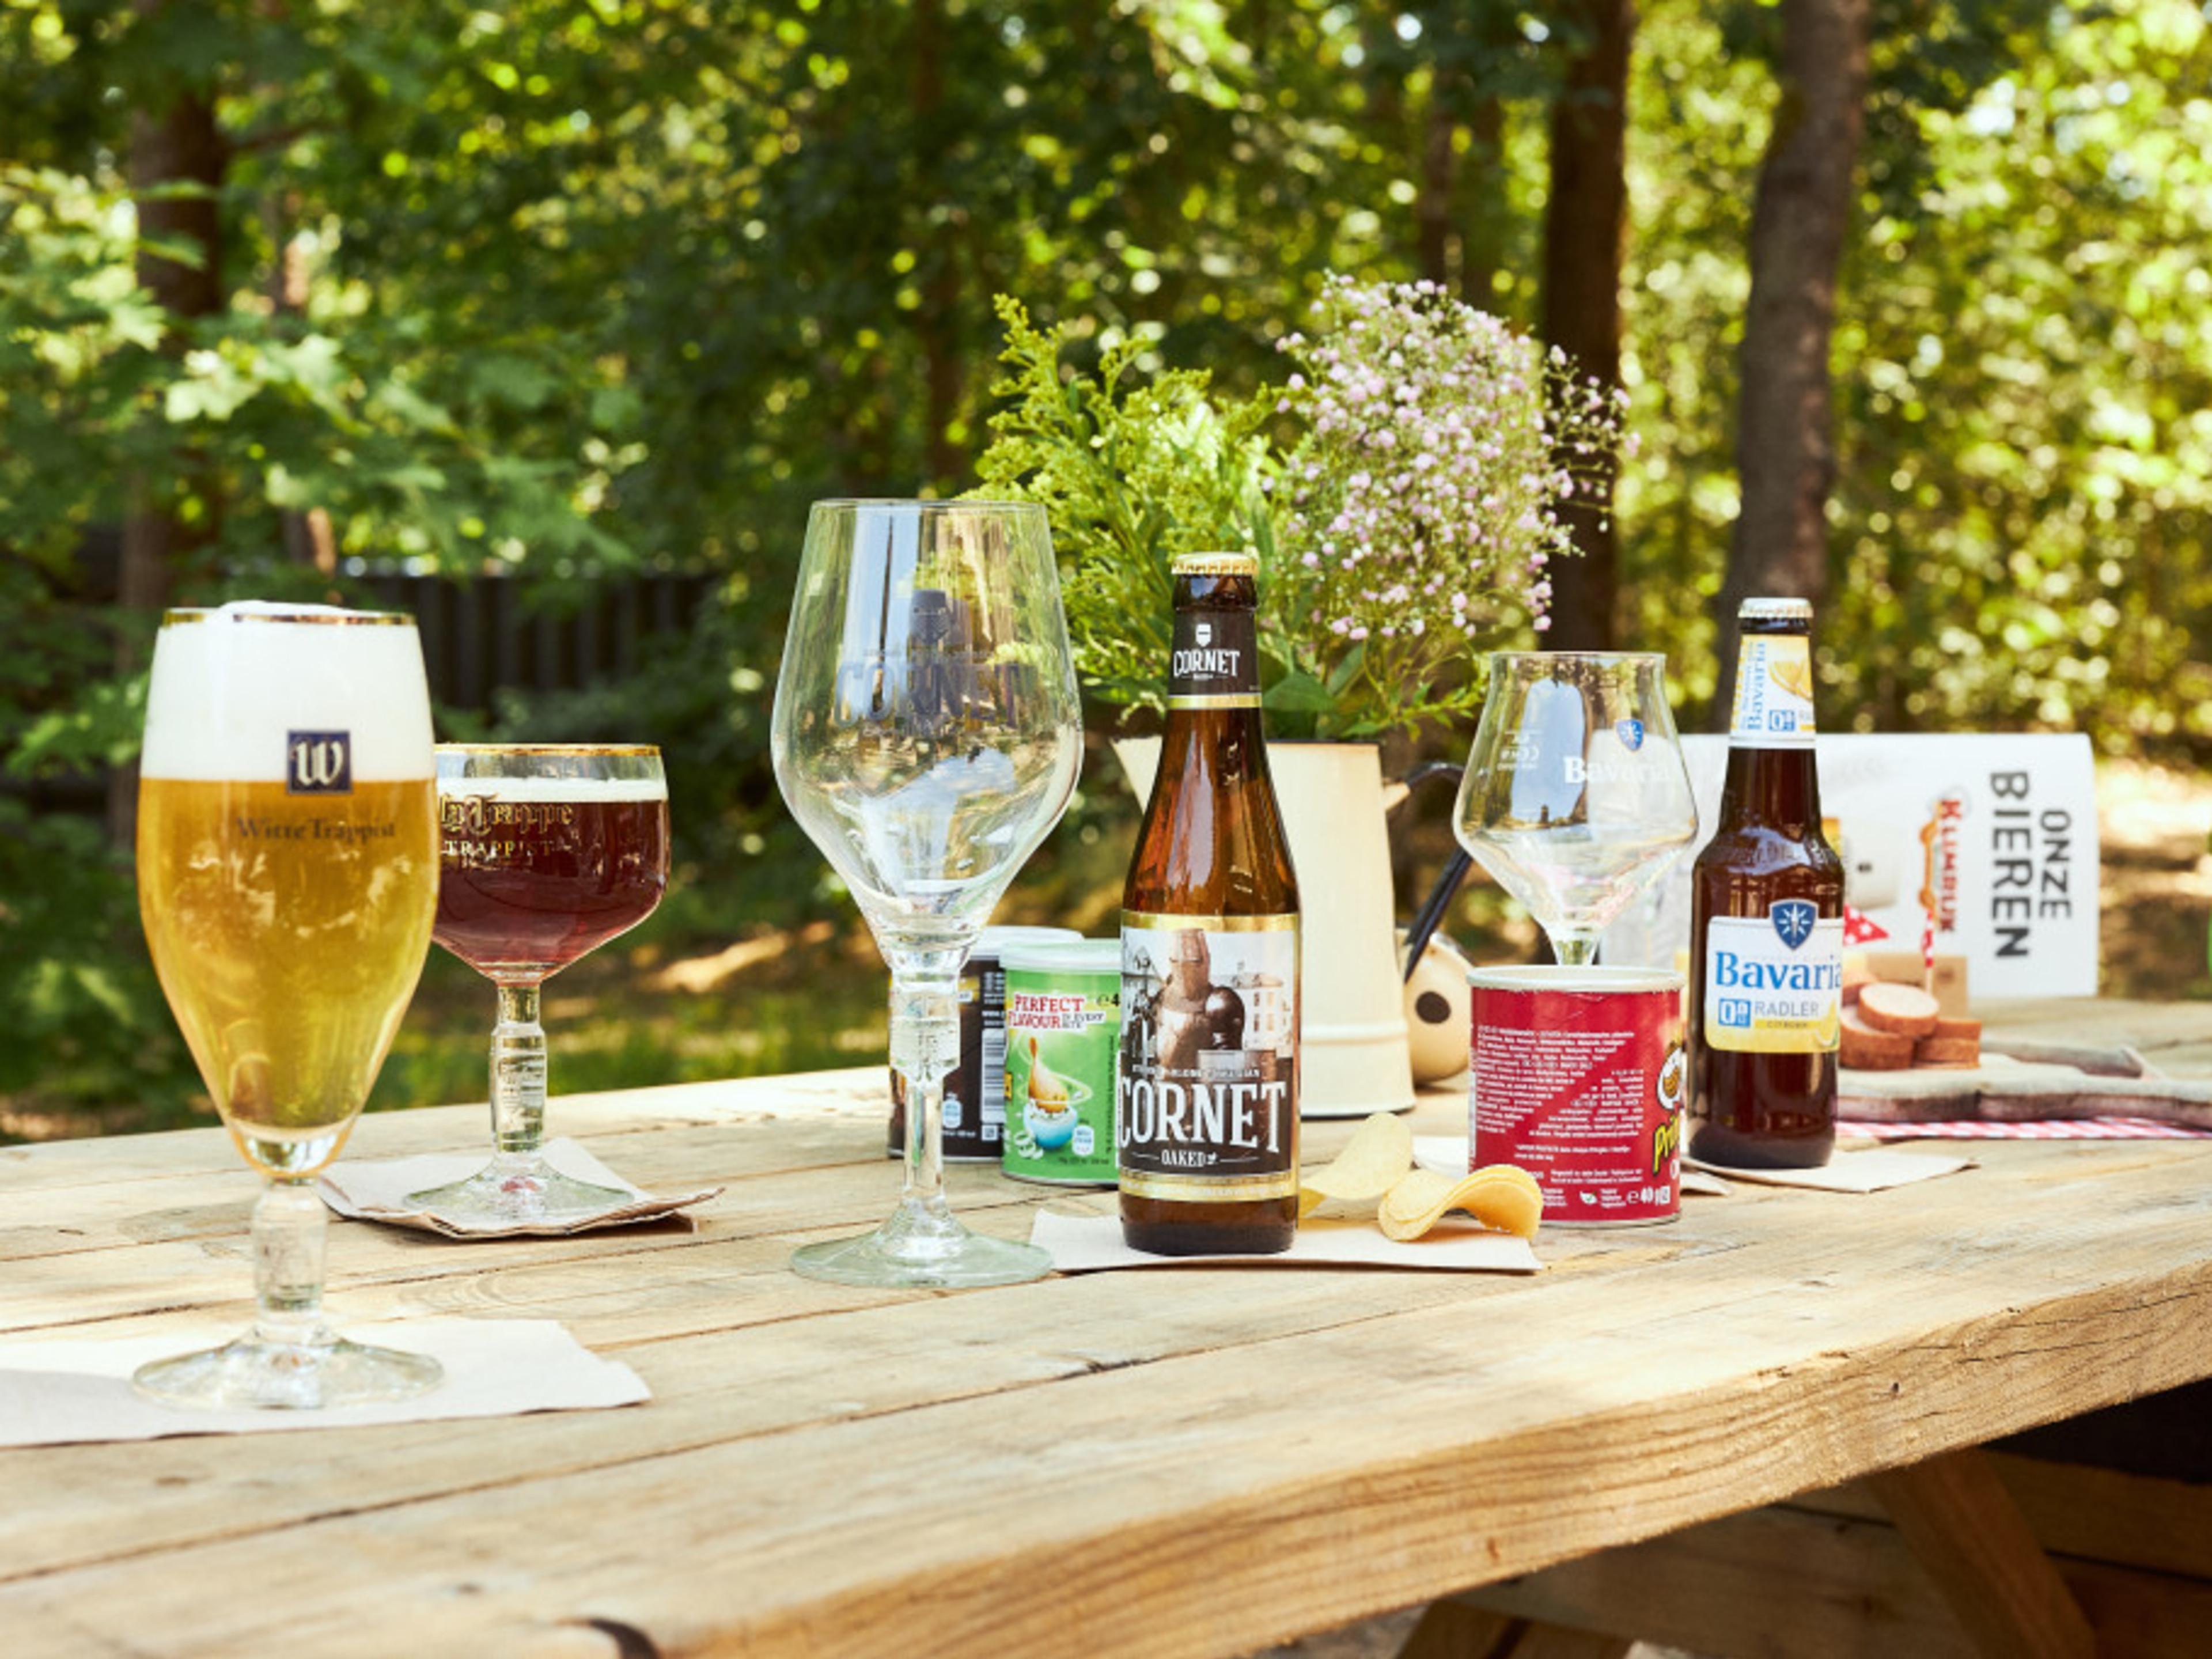 Klimrijk-restaurant-flesjes-bier